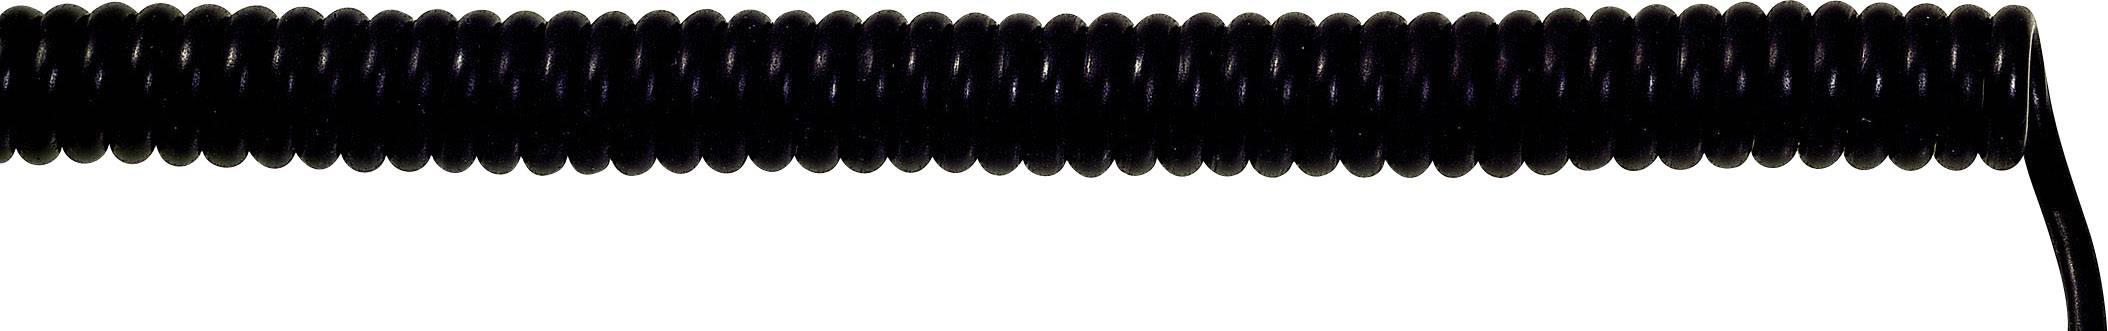 Špirálový kábel 73220229 UNITRONIC® SPIRAL 7 x 0.14 mm², 500 mm / 2000 mm, čierna